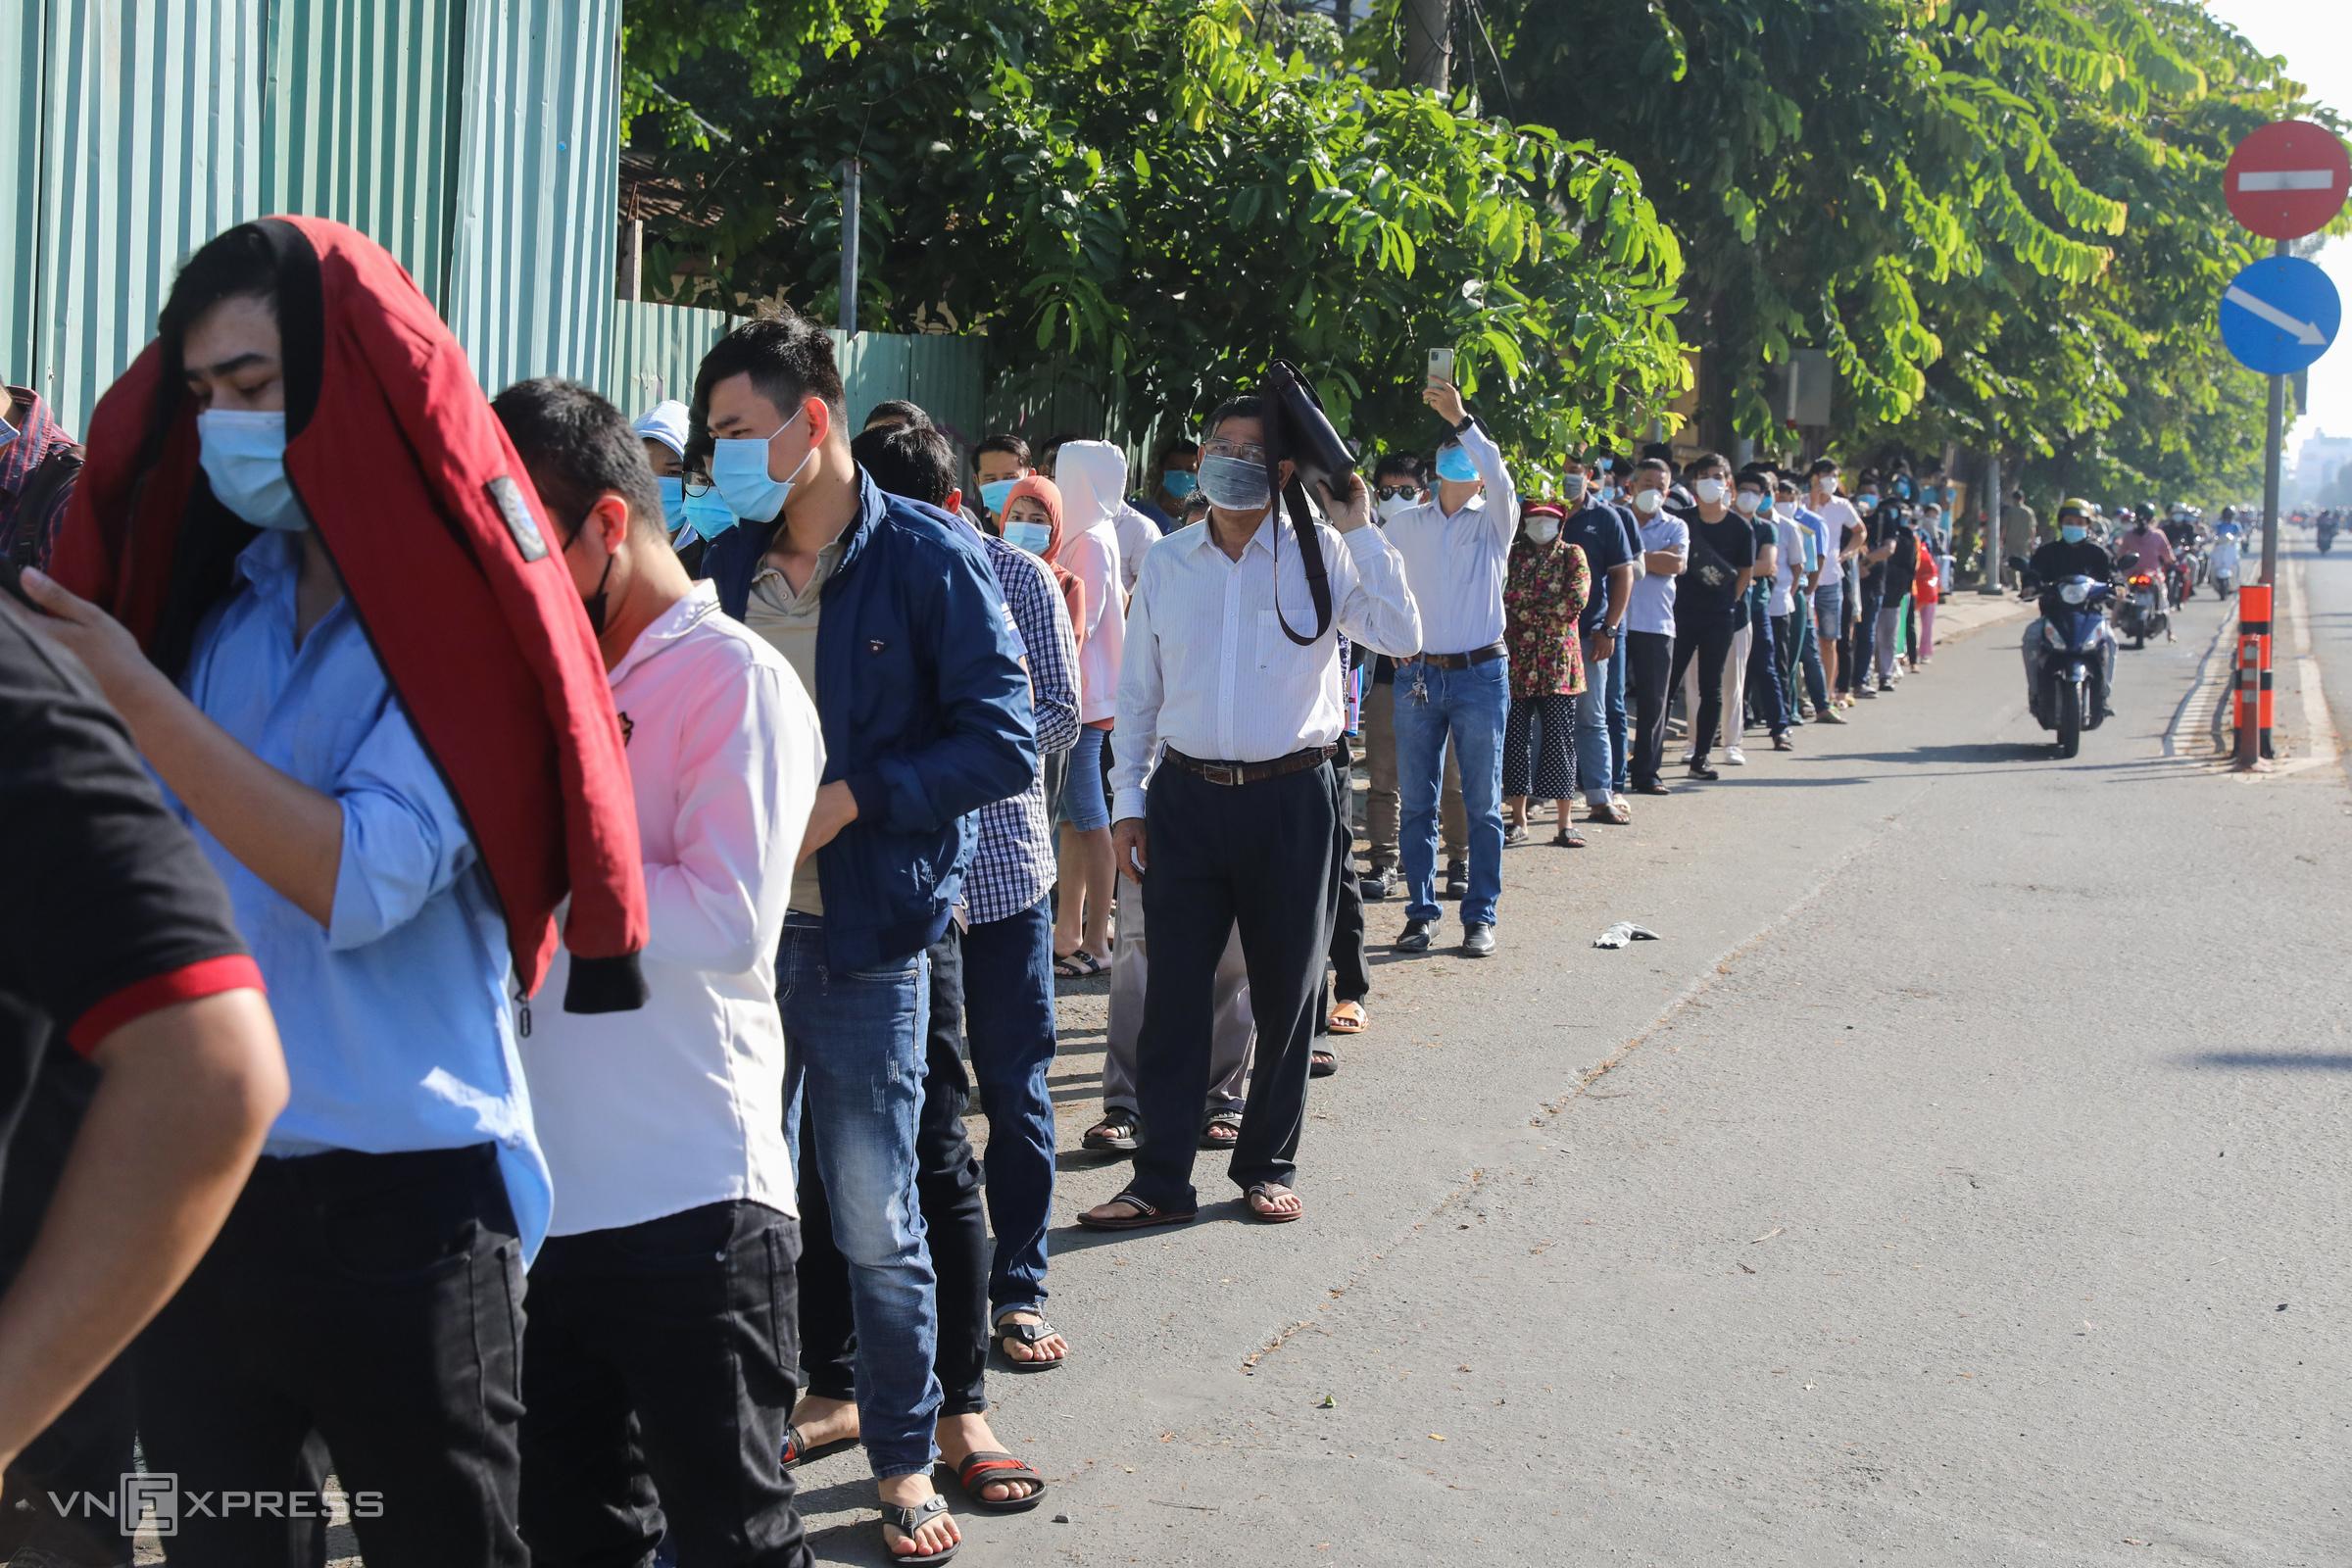 Dòng người xếp thành hàng dài trên vỉa hè và tràn ra cả lòng đường Nguyễn Thái Sơn, kéo dài khoảng 200 m tính từ cổng bệnh viện chờ xét nghiệm Ảnh: Quỳnh Trần.